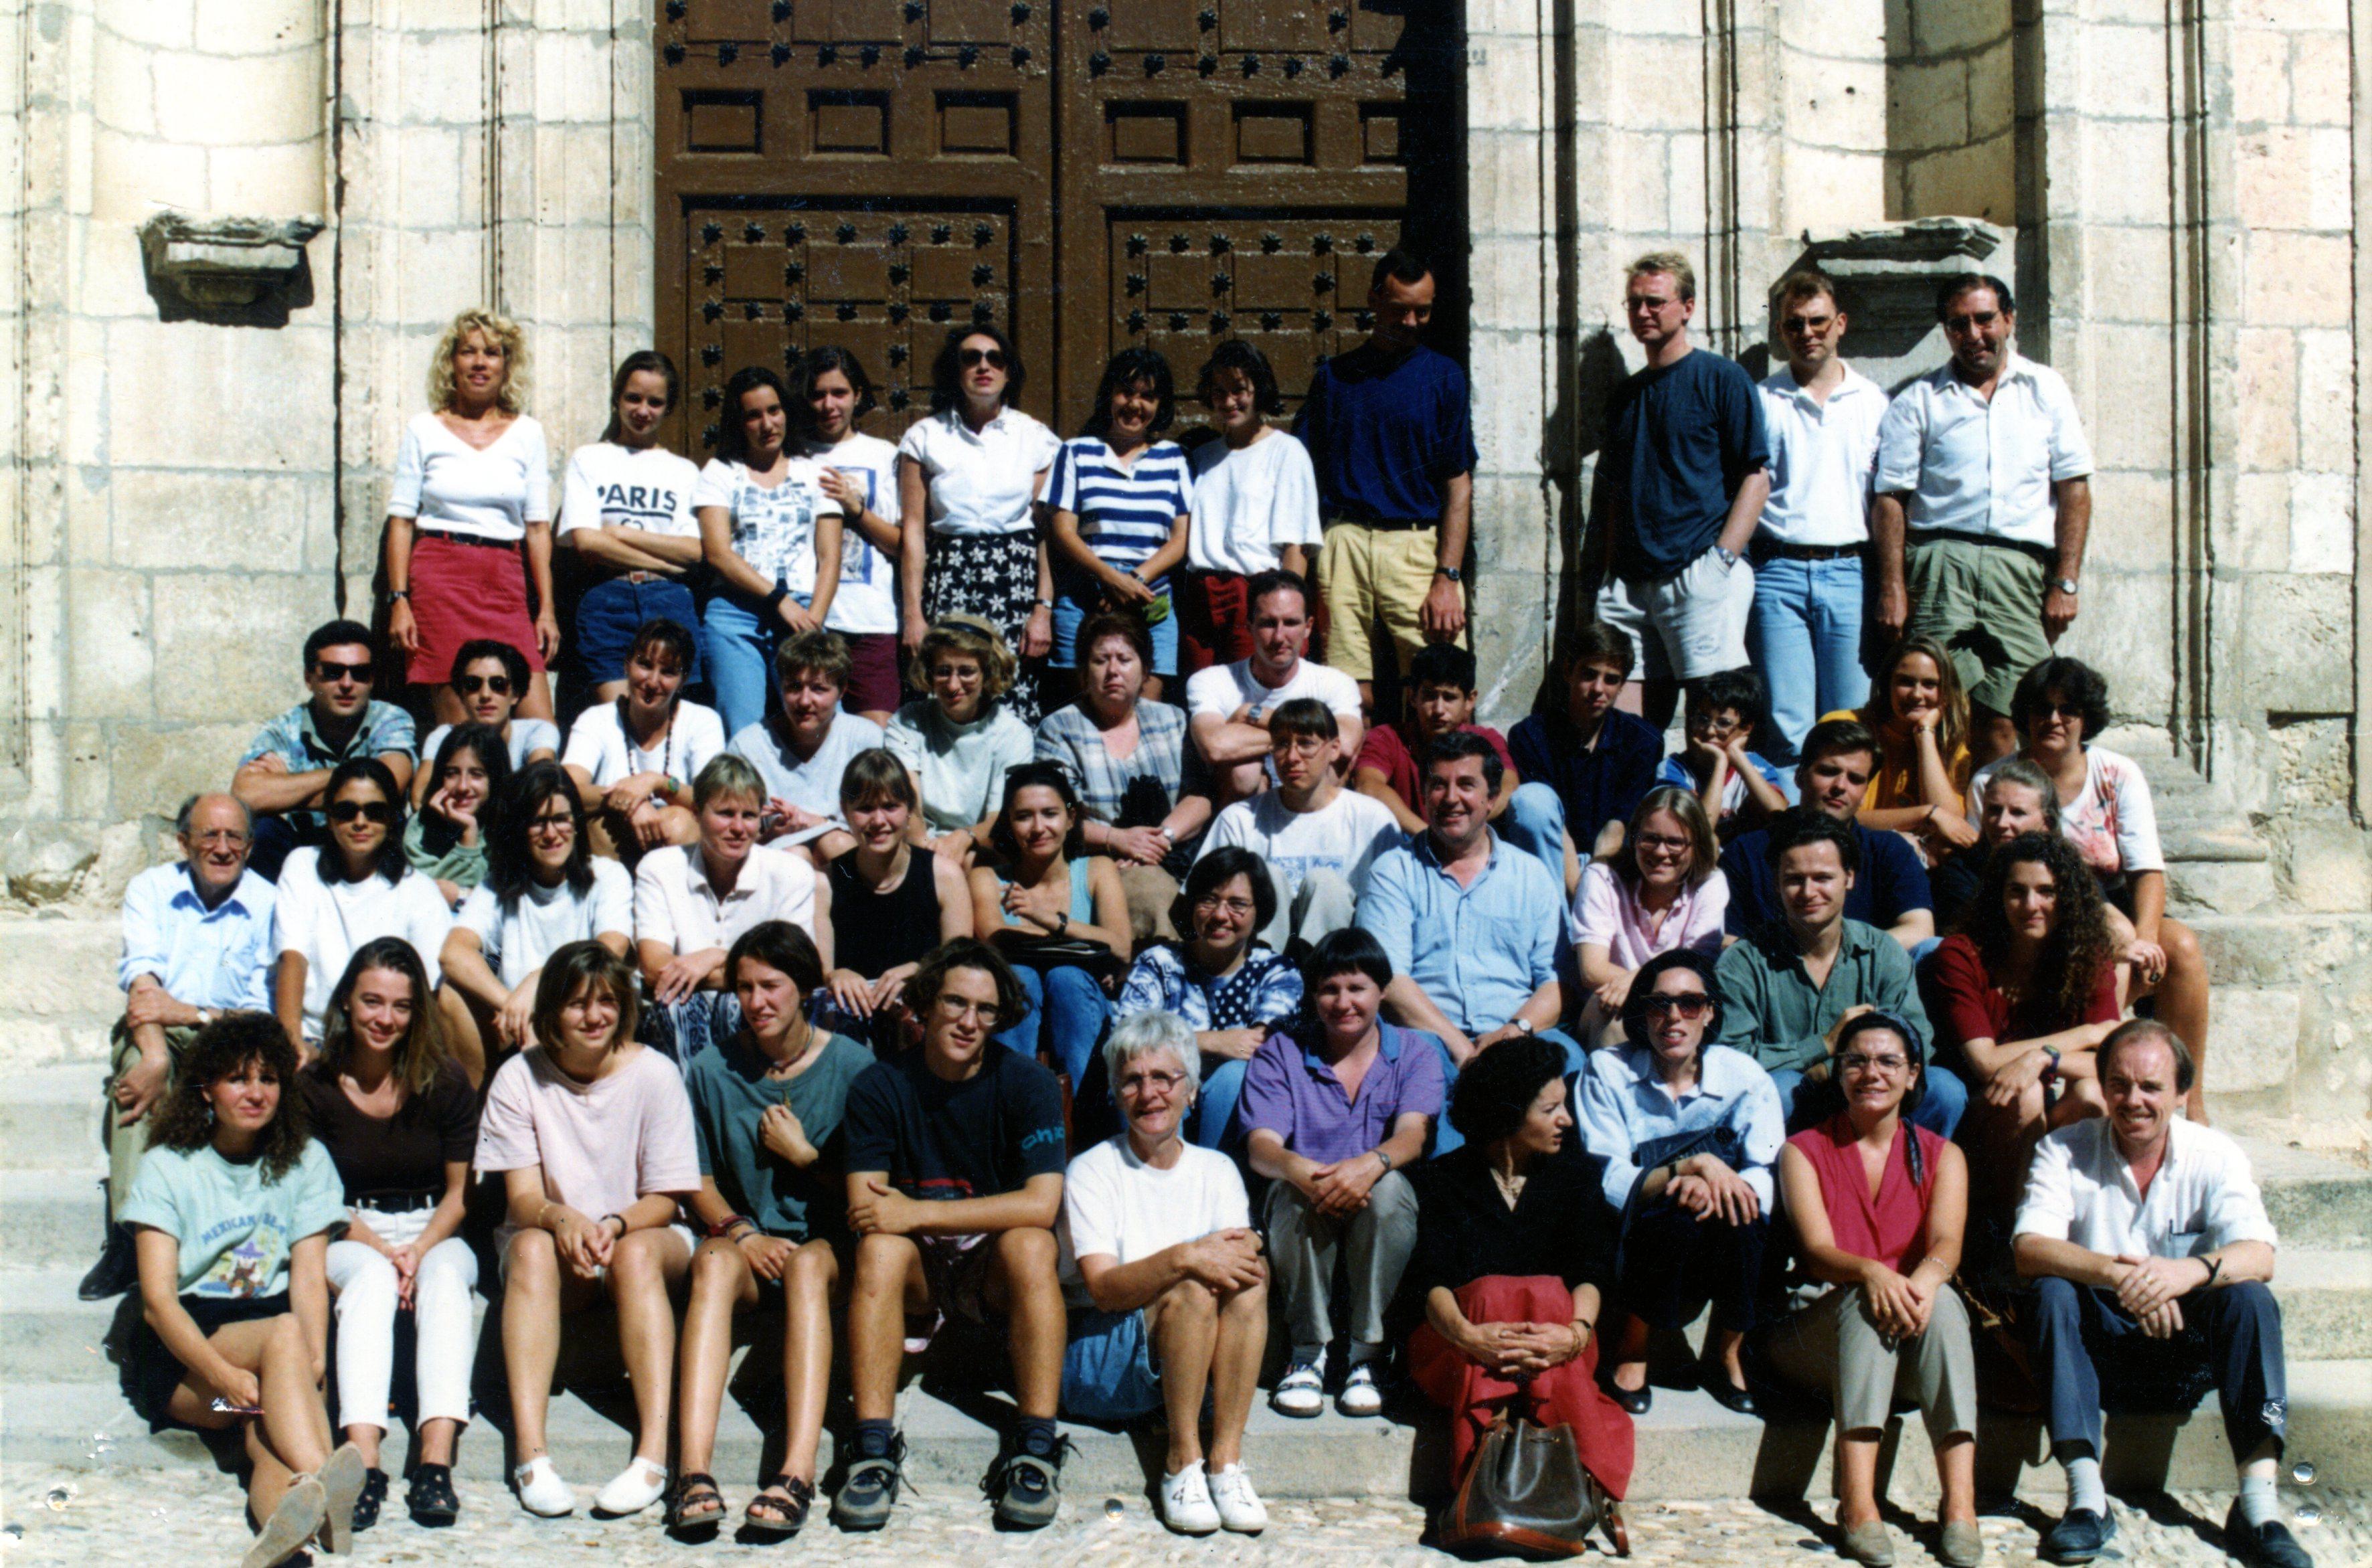 Academia de idiomas en Cuenca